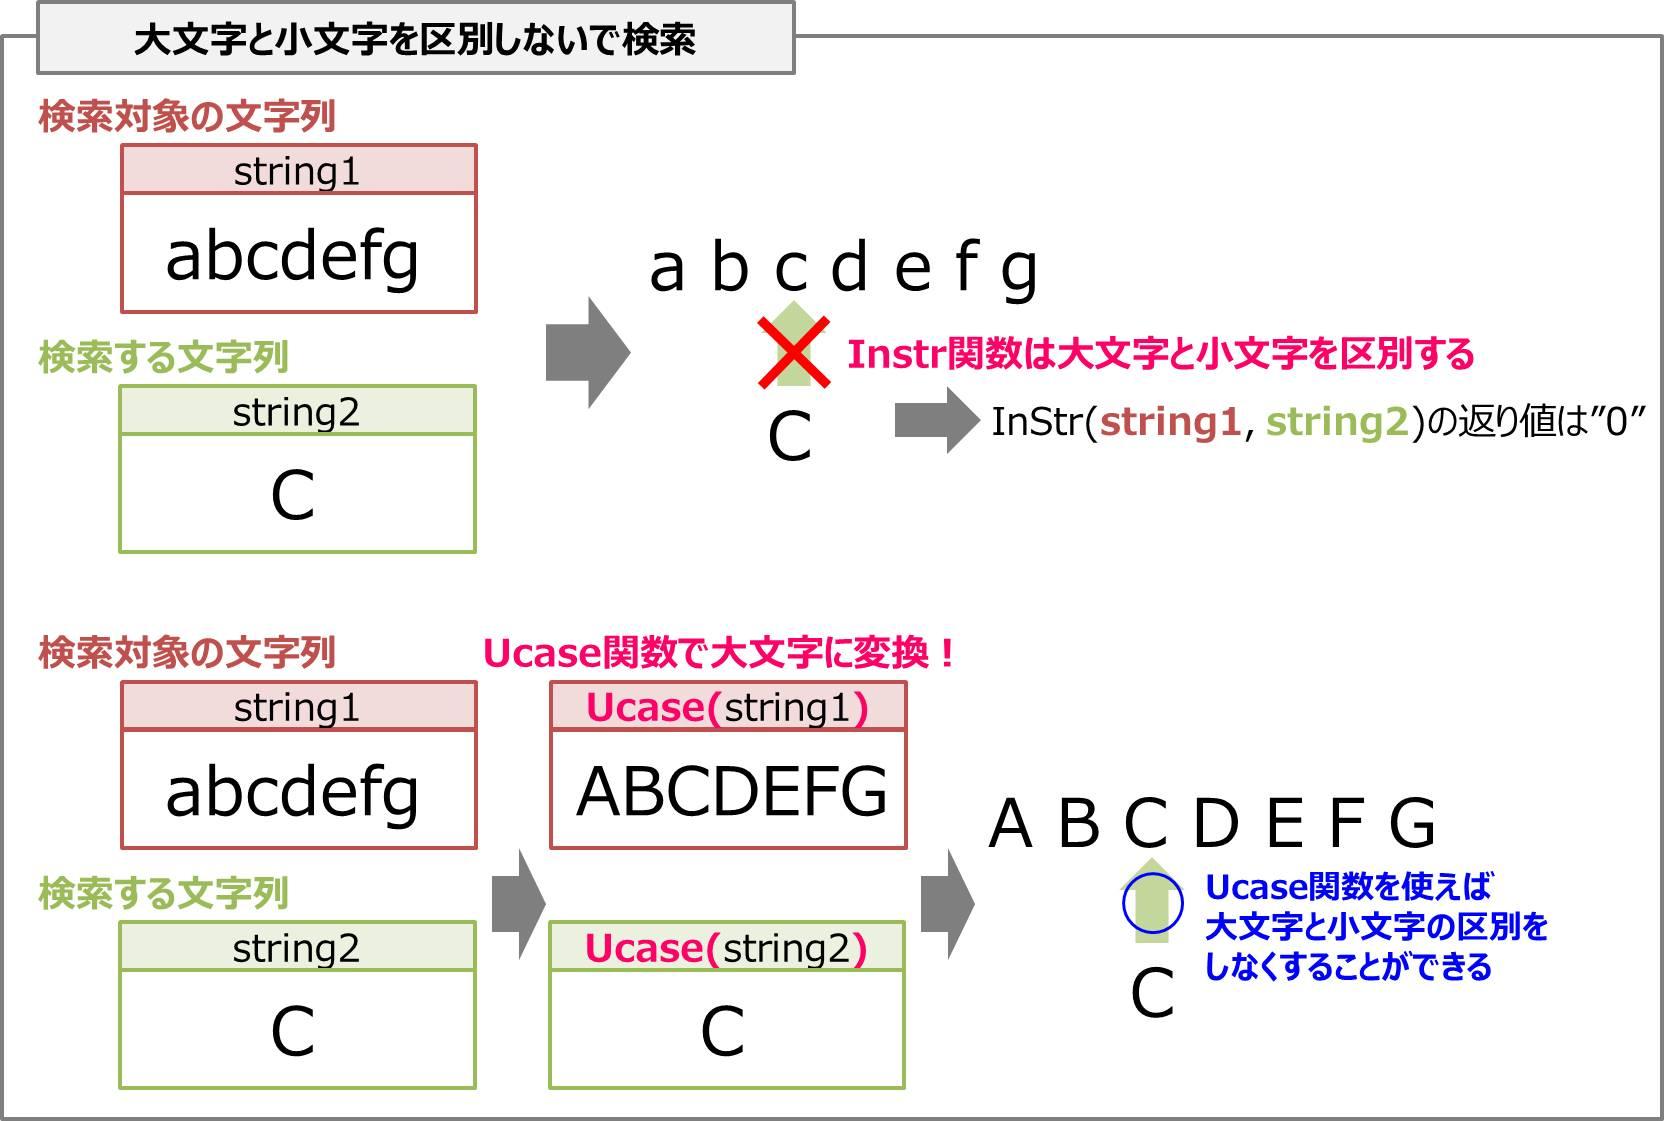 【VBA】大文字と小文字を区別しないで検索する場合